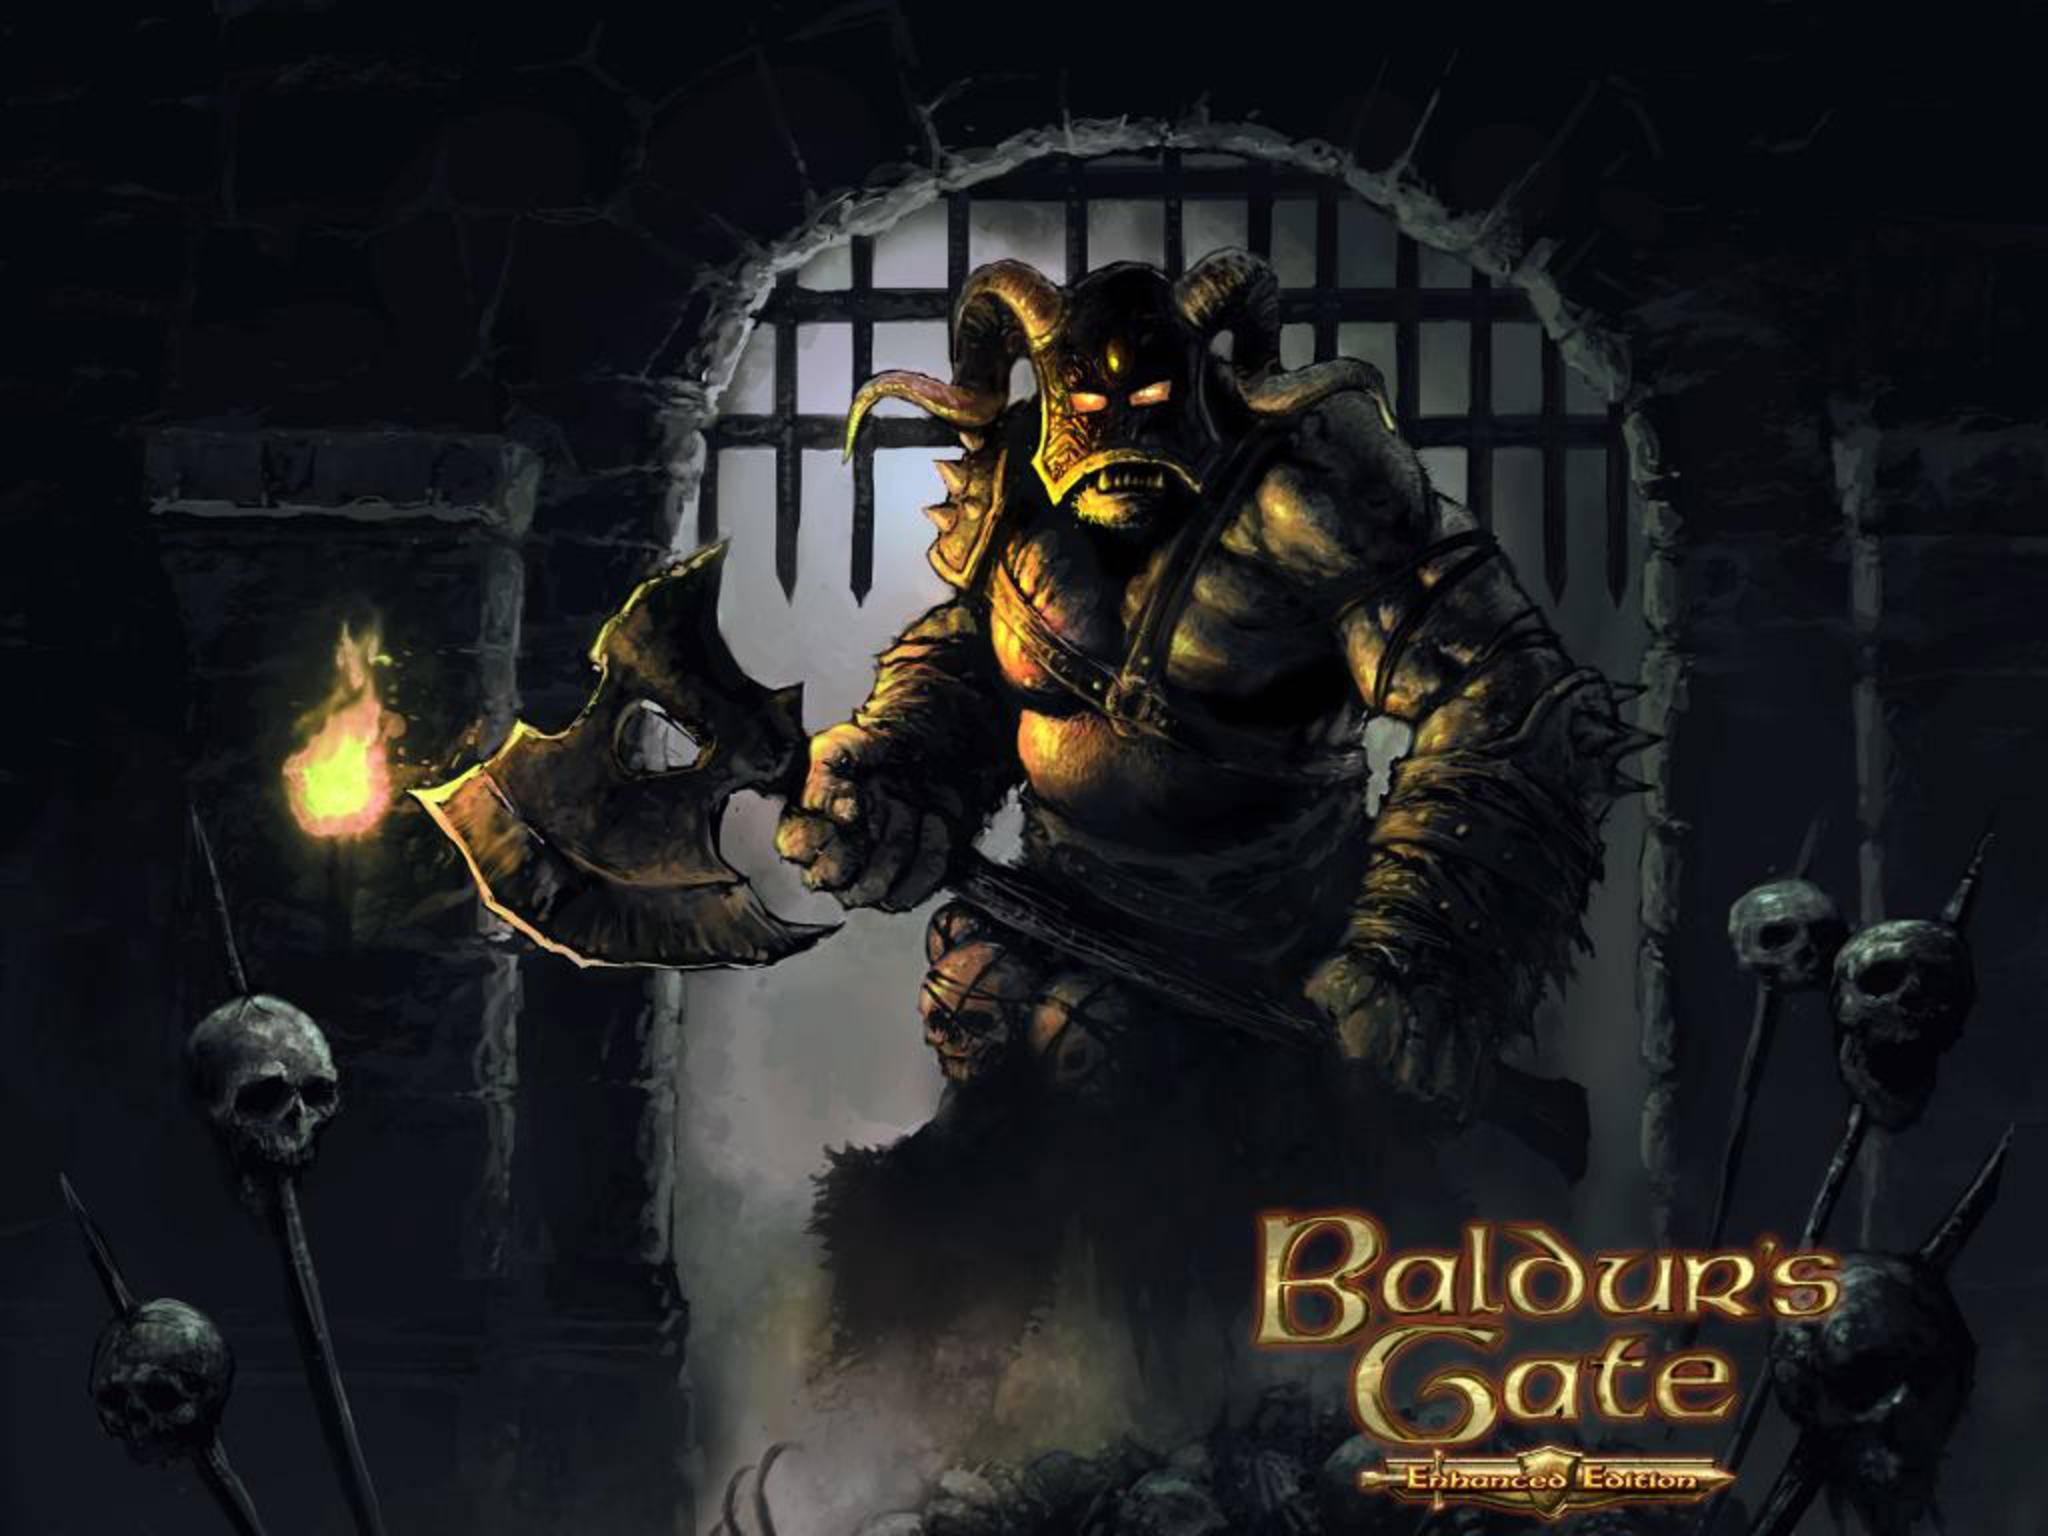 """Bereits mit """"Baldur's Gate Enhanced Edition"""" konnte Beamdog erste Erfahrungen sammeln."""